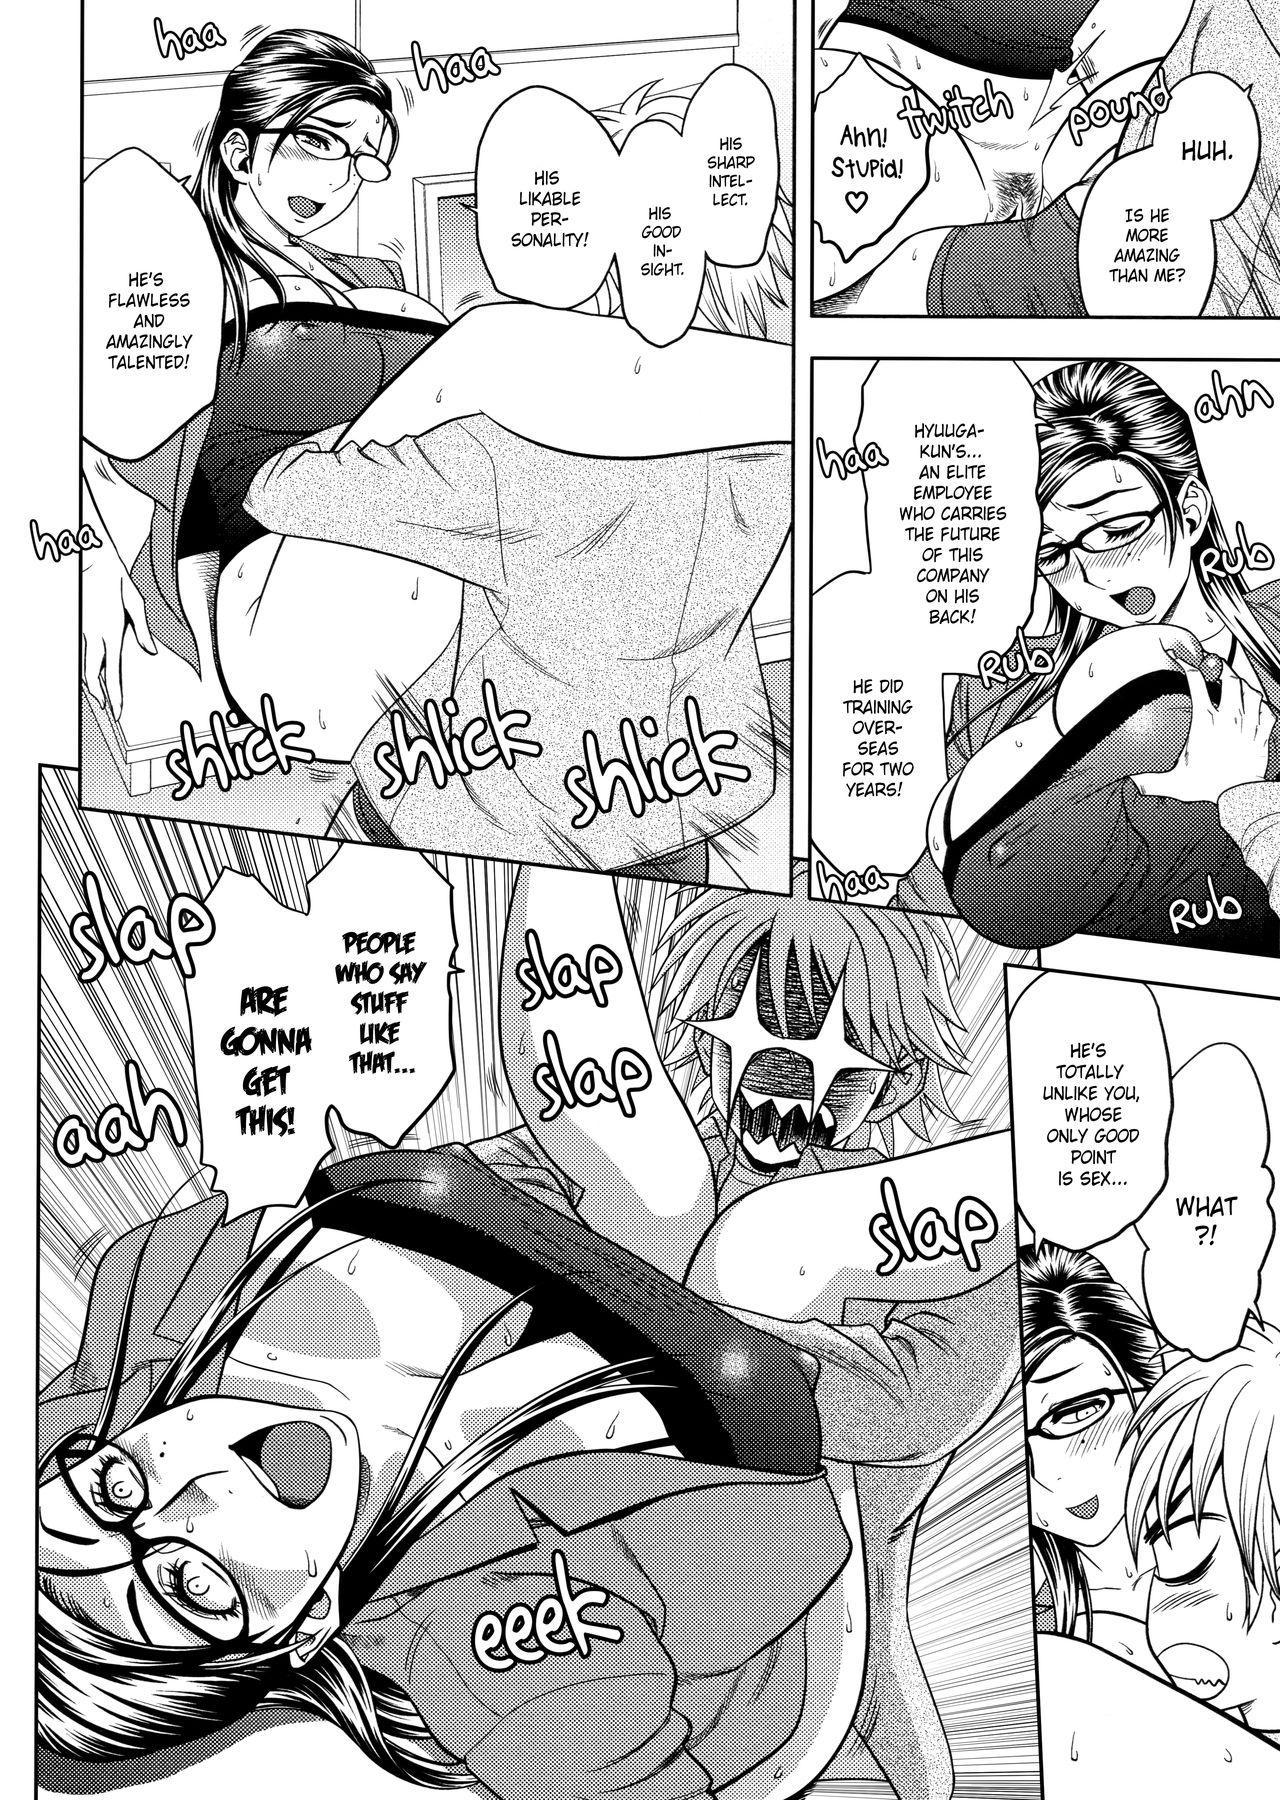 [Tatsunami Youtoku, Yamazaki Masato] Bijin Henshuu-chou no Himitsu | Beautiful Editor-in-Chief's Secret Ch. 1-5 [English] [Forbiddenfetish77, Red Vodka, Crystalium] [Decensored] 67